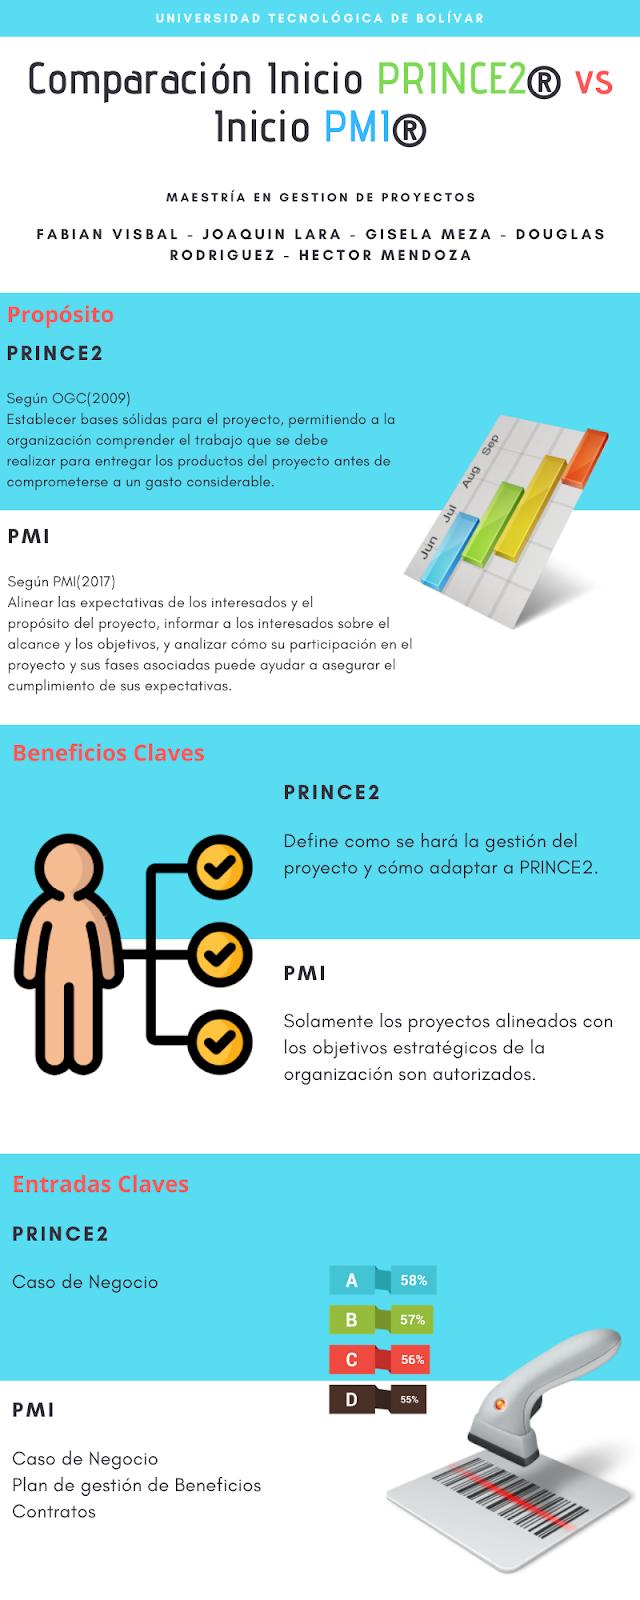 Comparación inicio PRINCE2® vs inicio PMI®